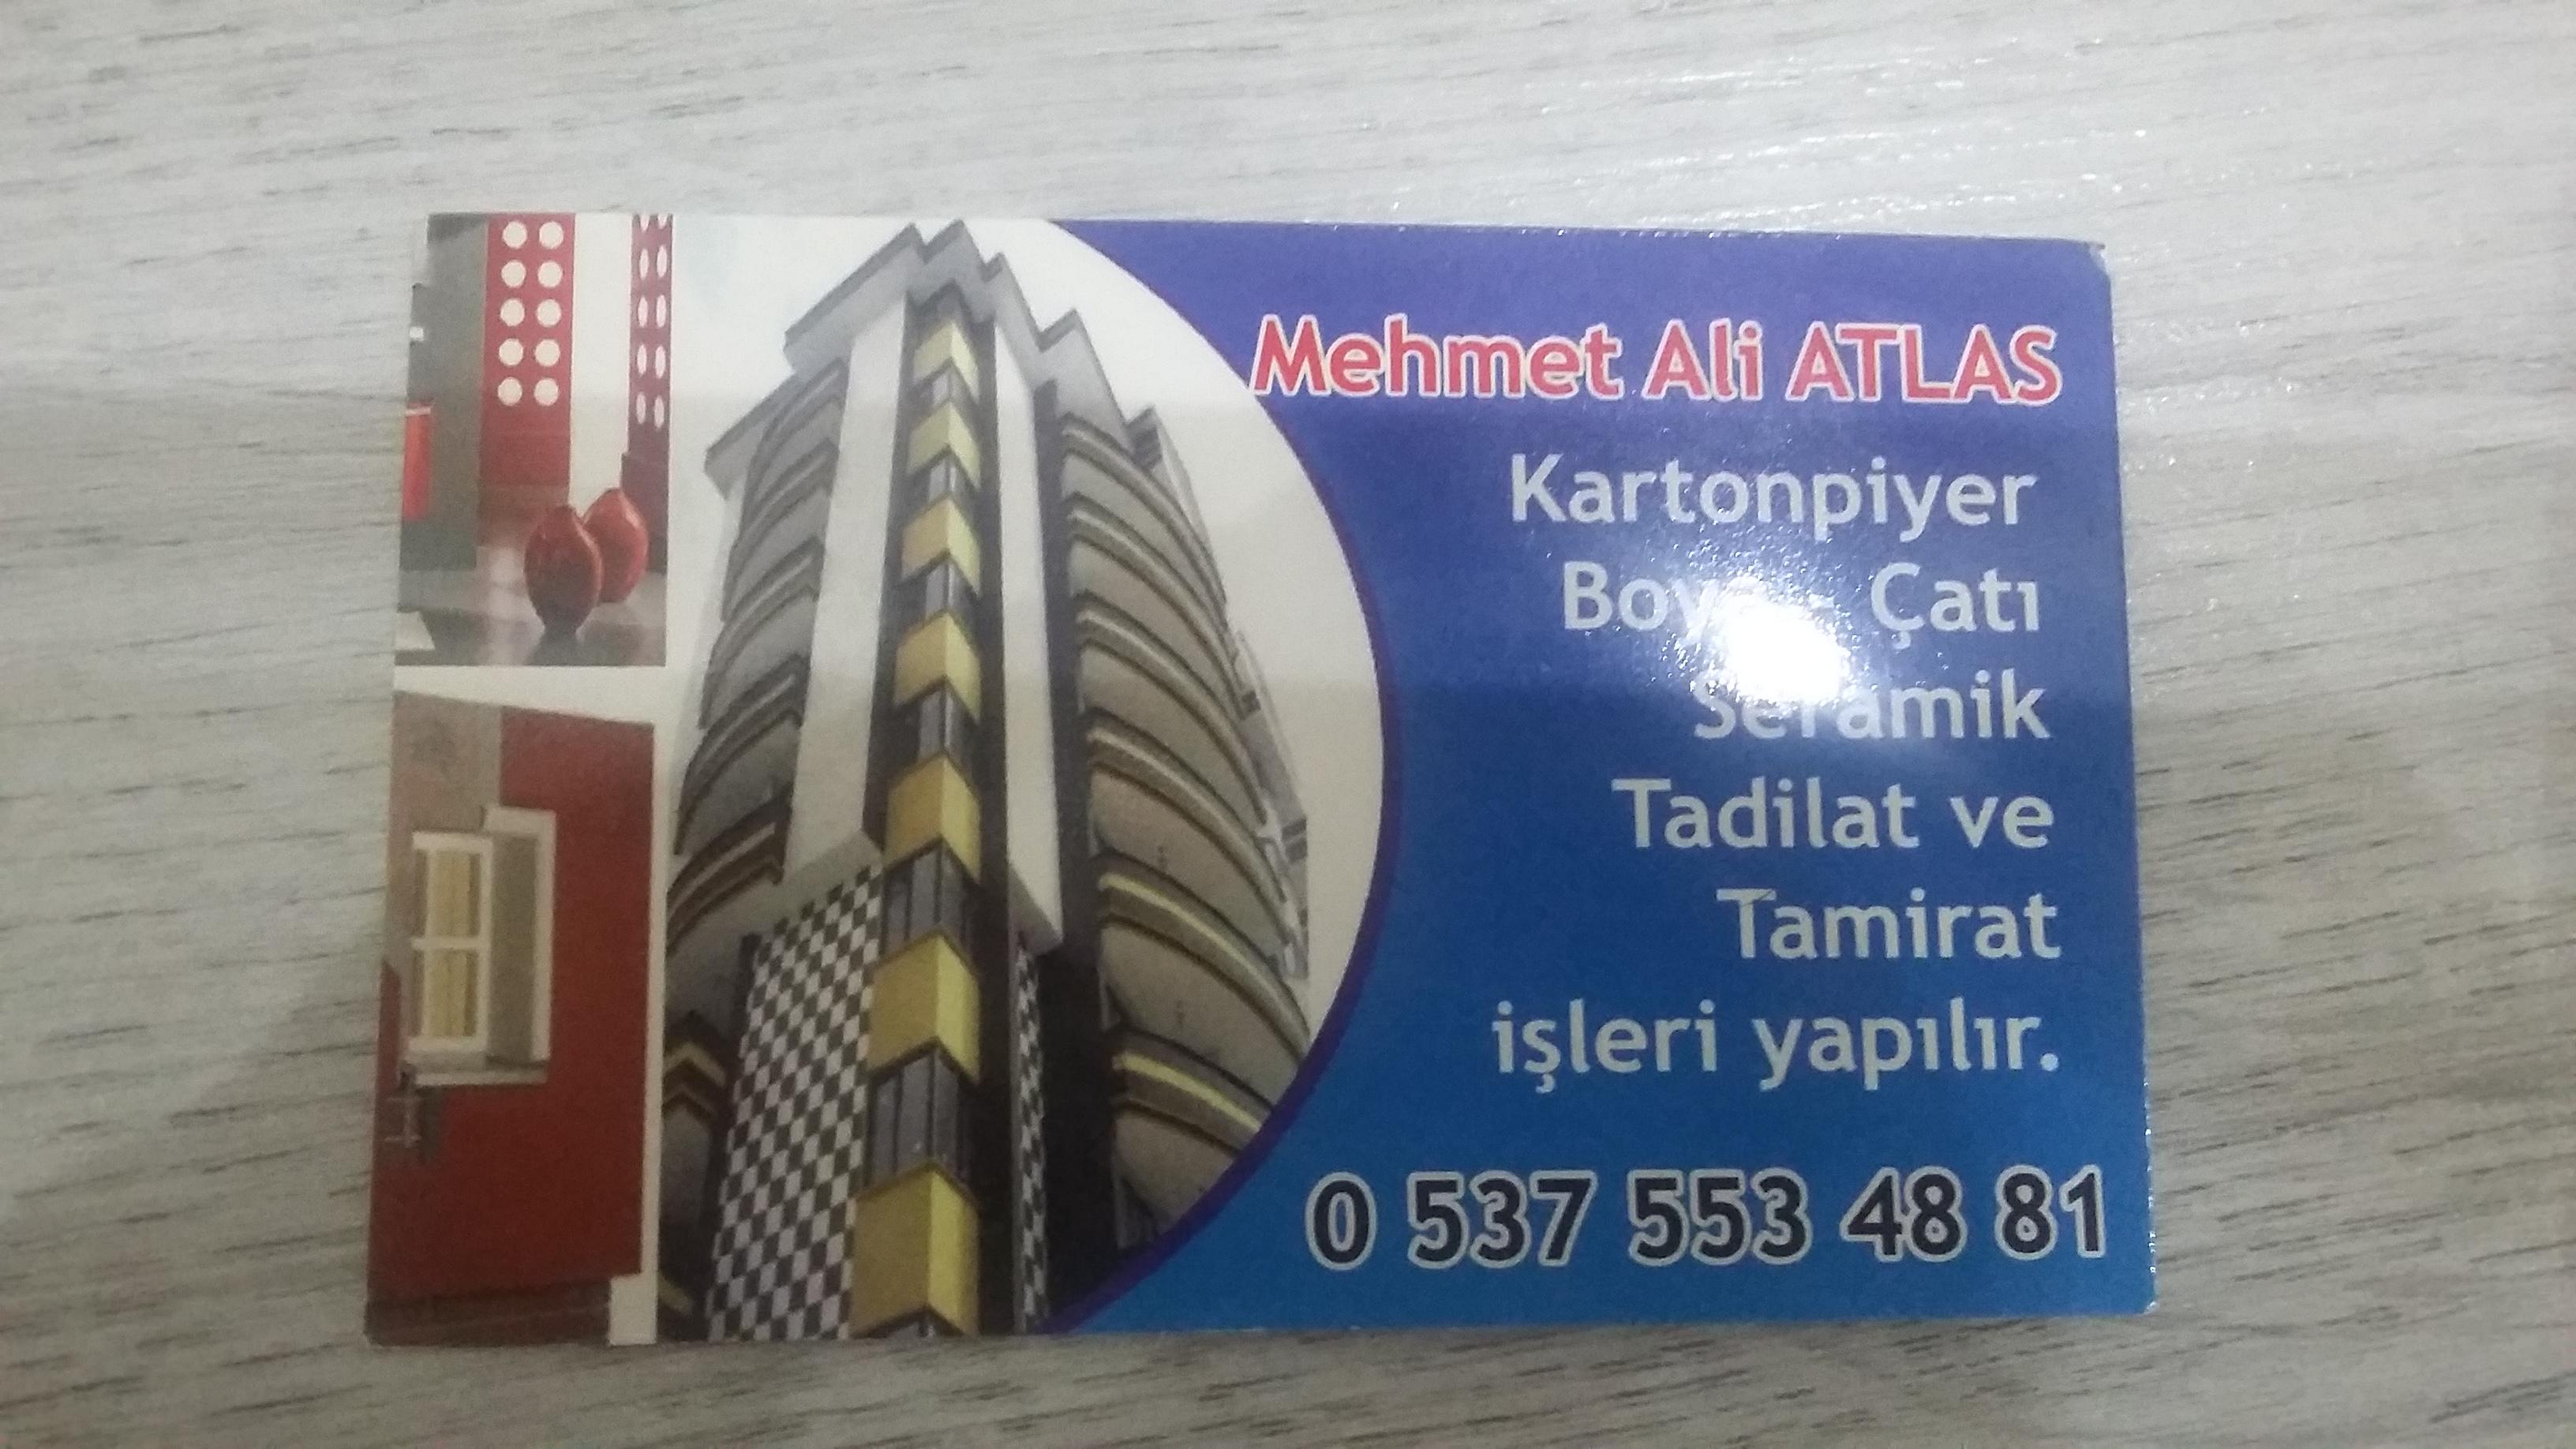 mehmet-ali-atlas-05375534881-tadilat-fayans ustası-banyo muftak tadilat-duvar ustası-çatı ustası-anahtar teslim